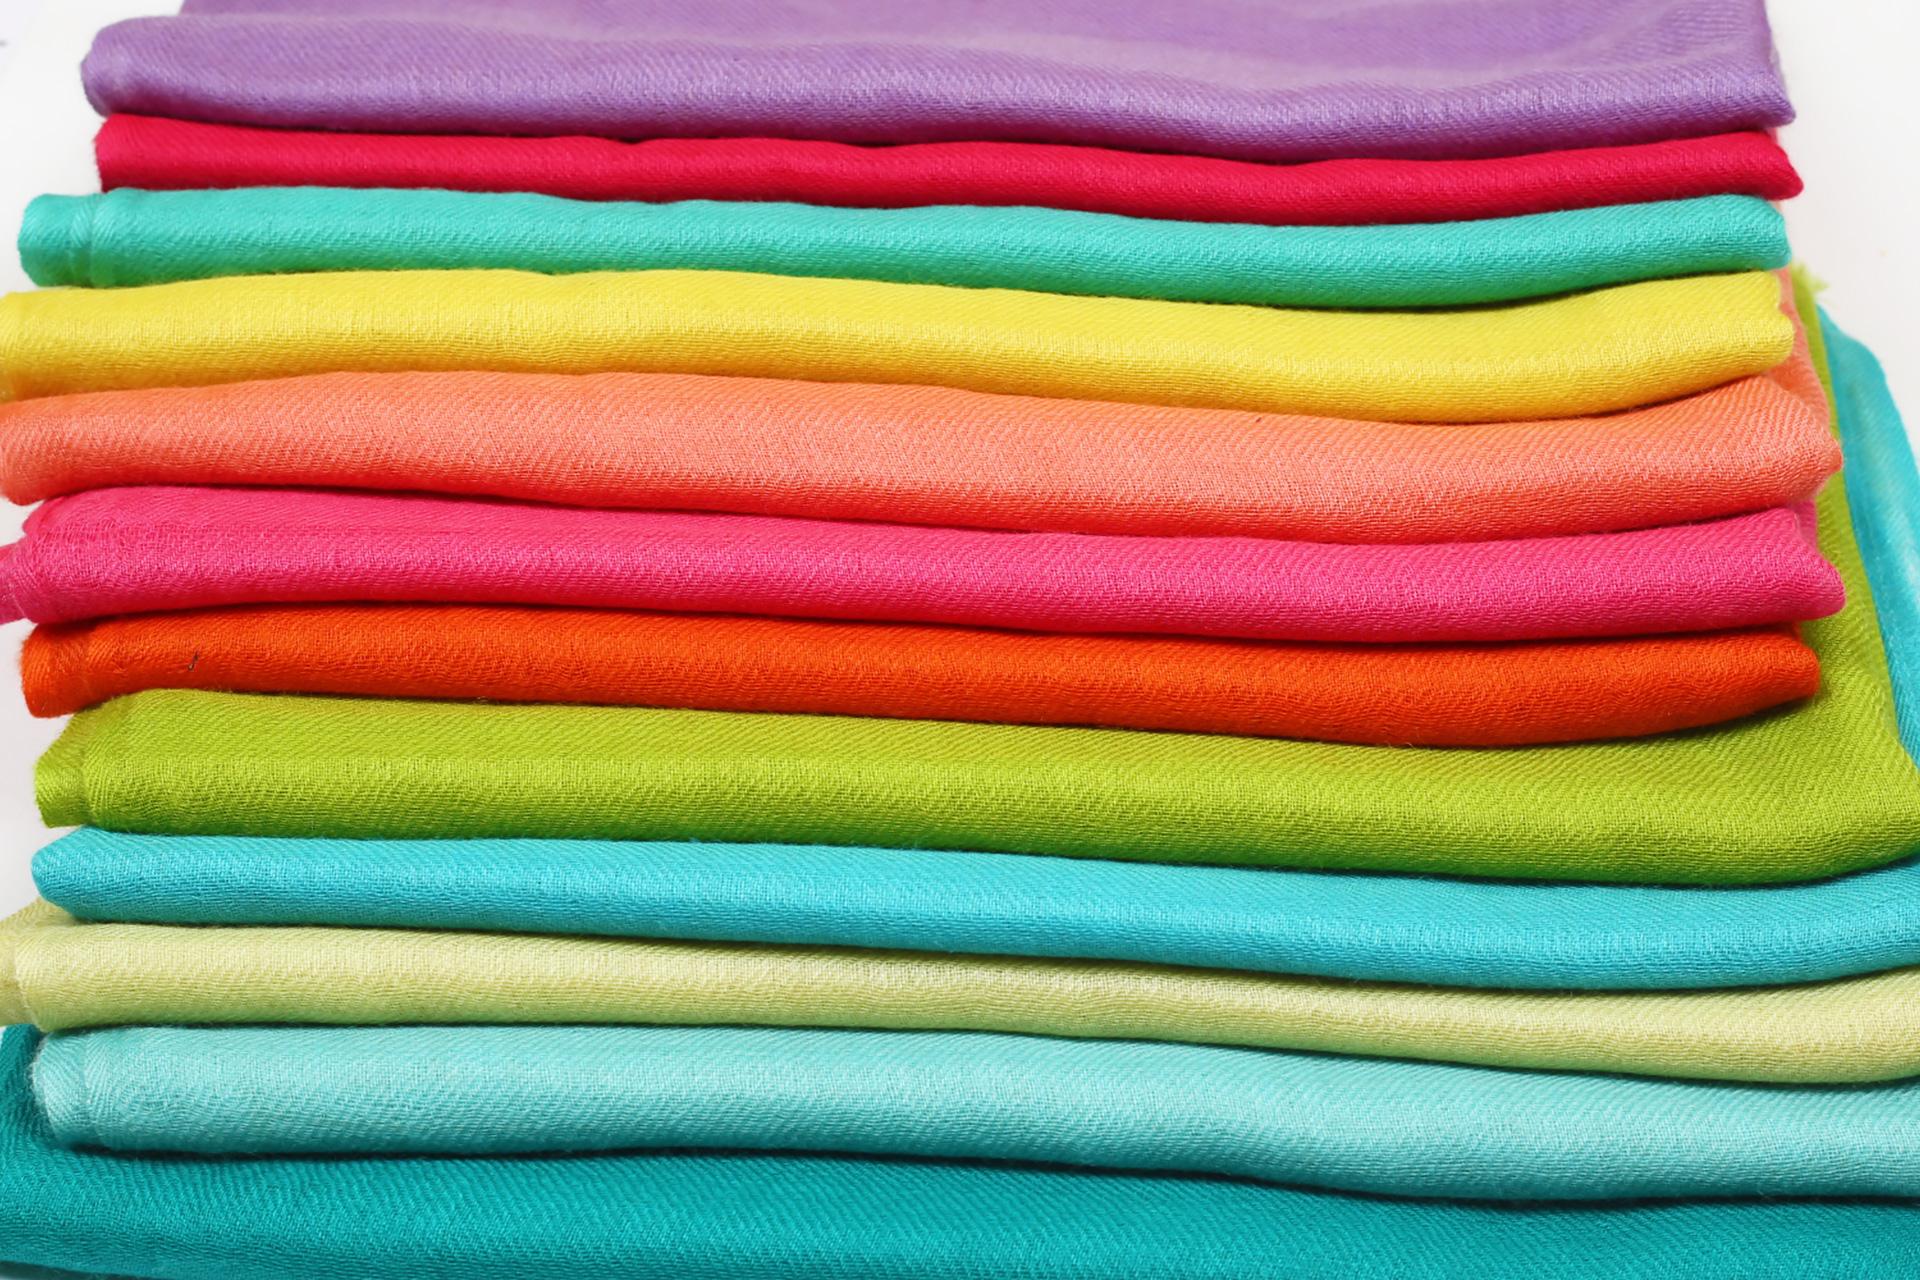 Cashmere Scarves for Summer